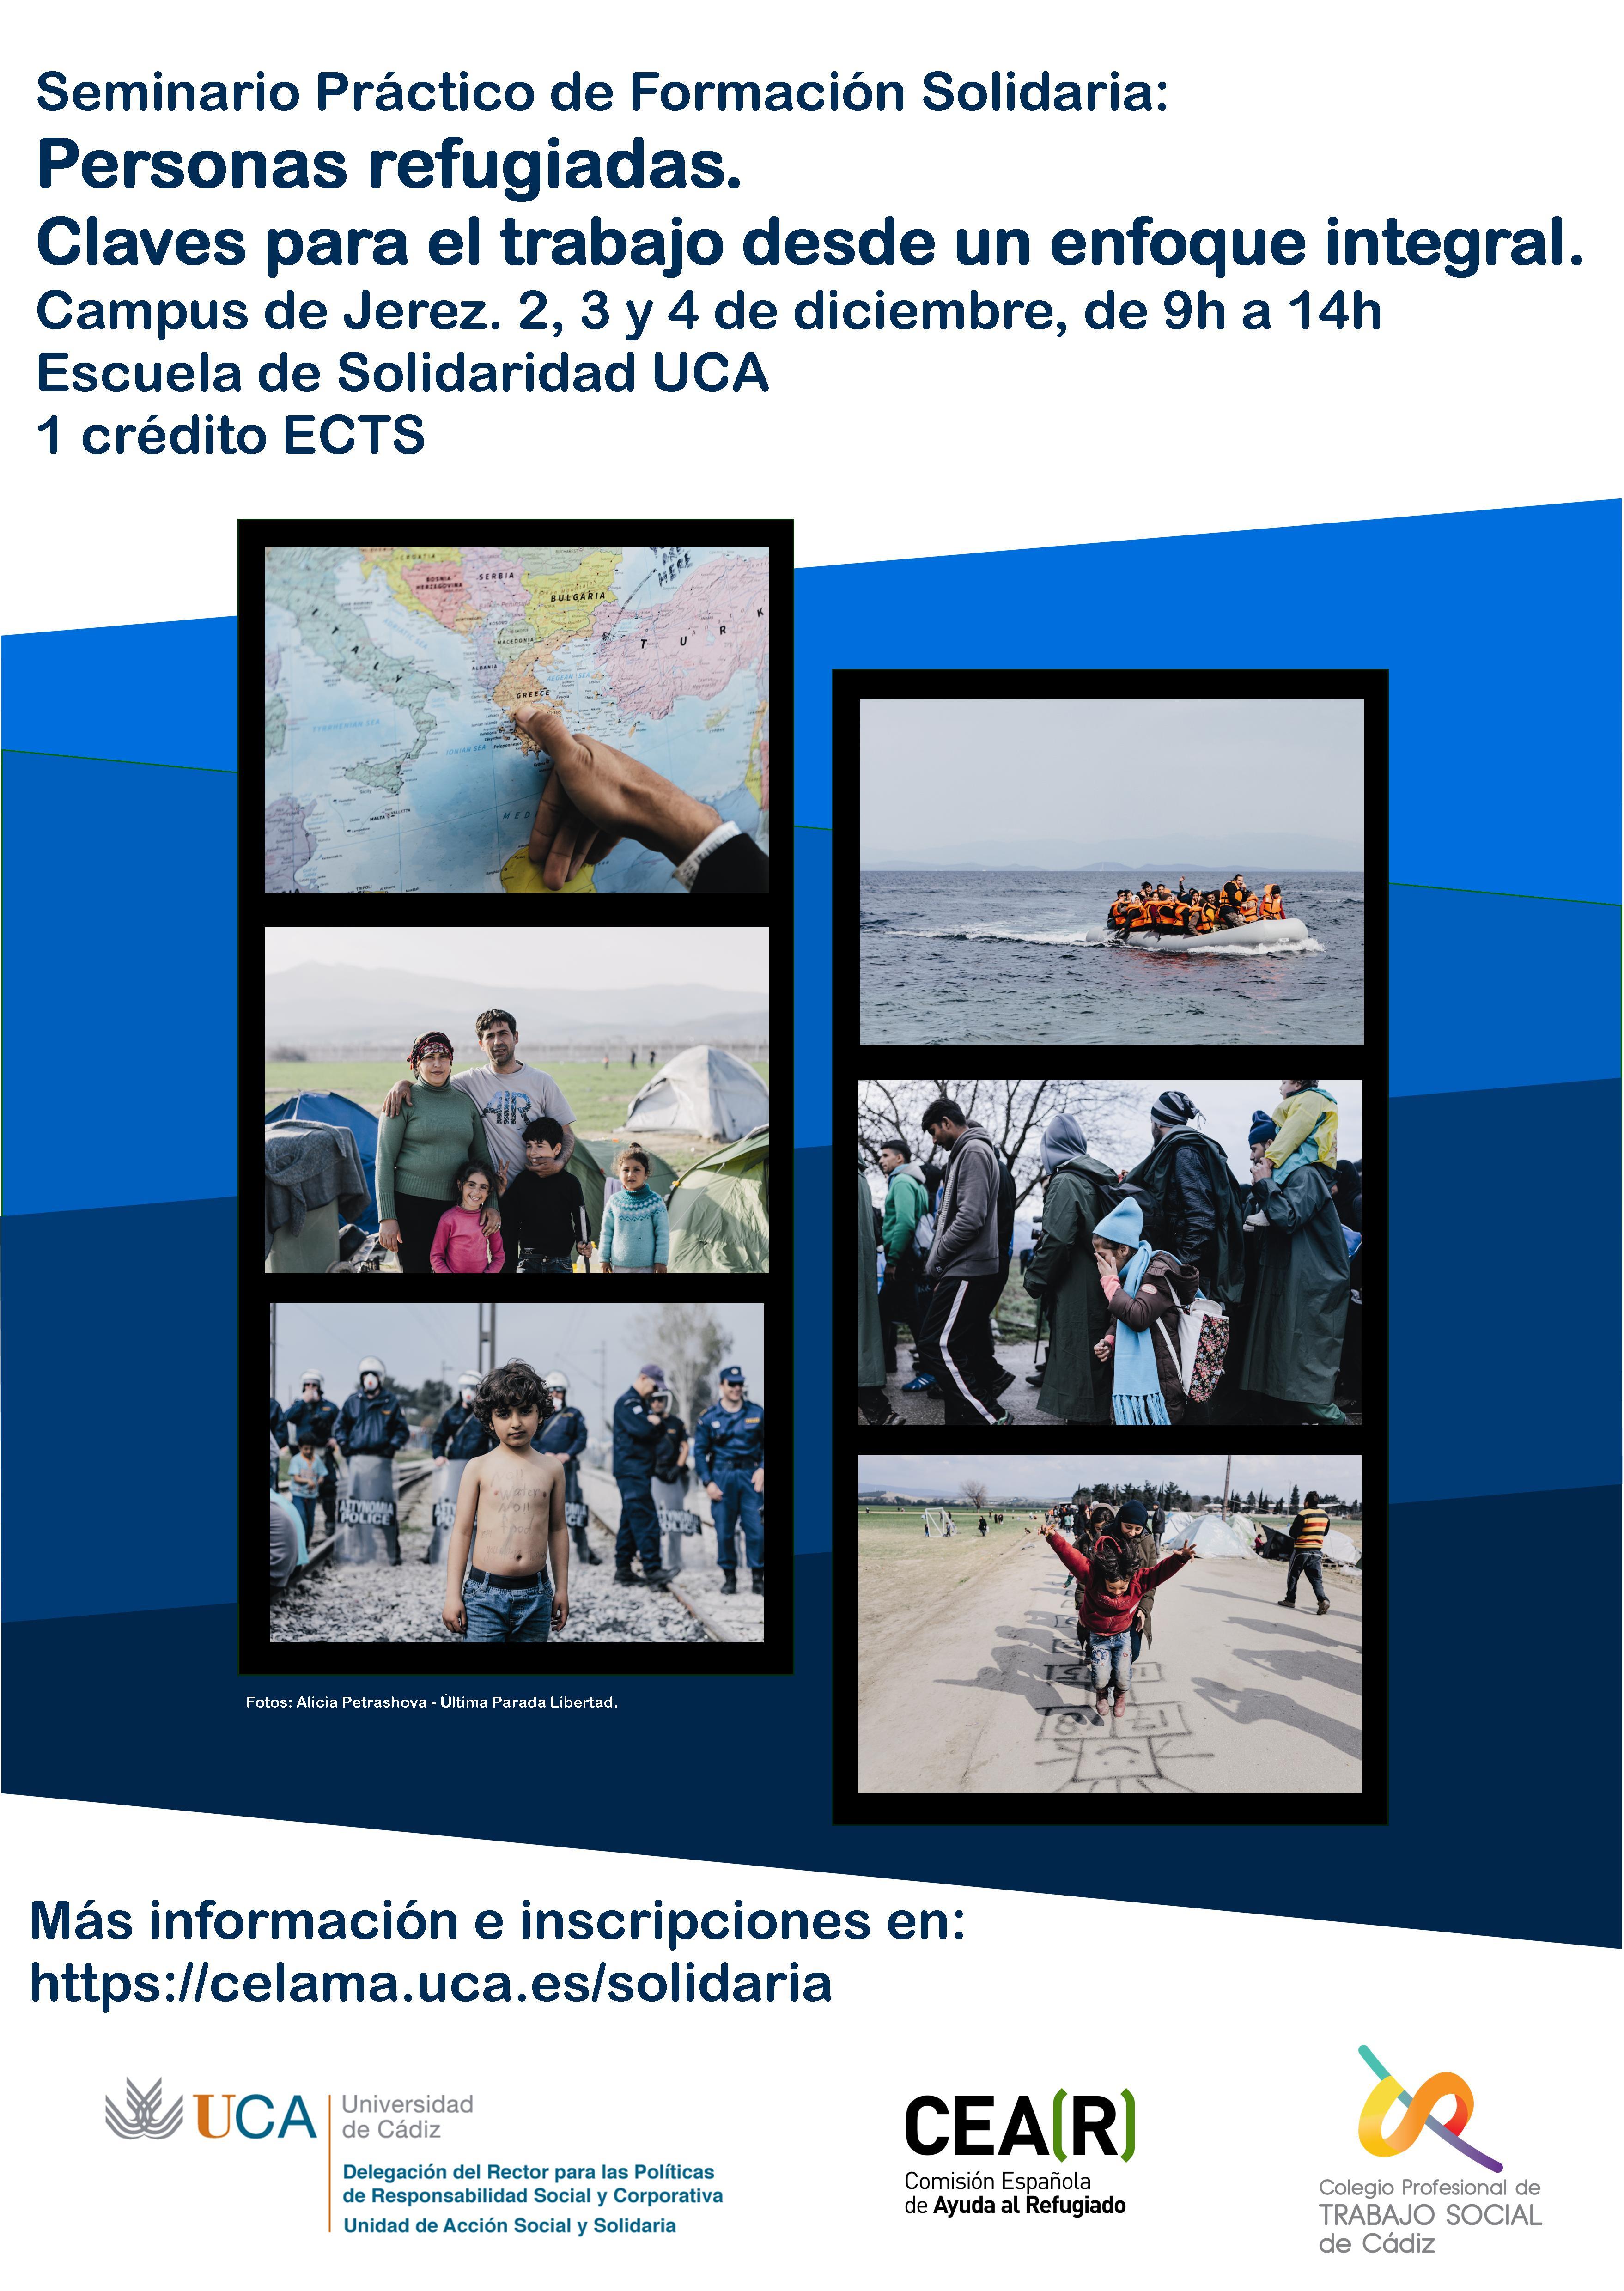 """Seminario """"Personas refugiadas: Claves para el trabajo desde un enfoque integral"""". Campus de Jerez 2, 3 y 4 de diciembre."""